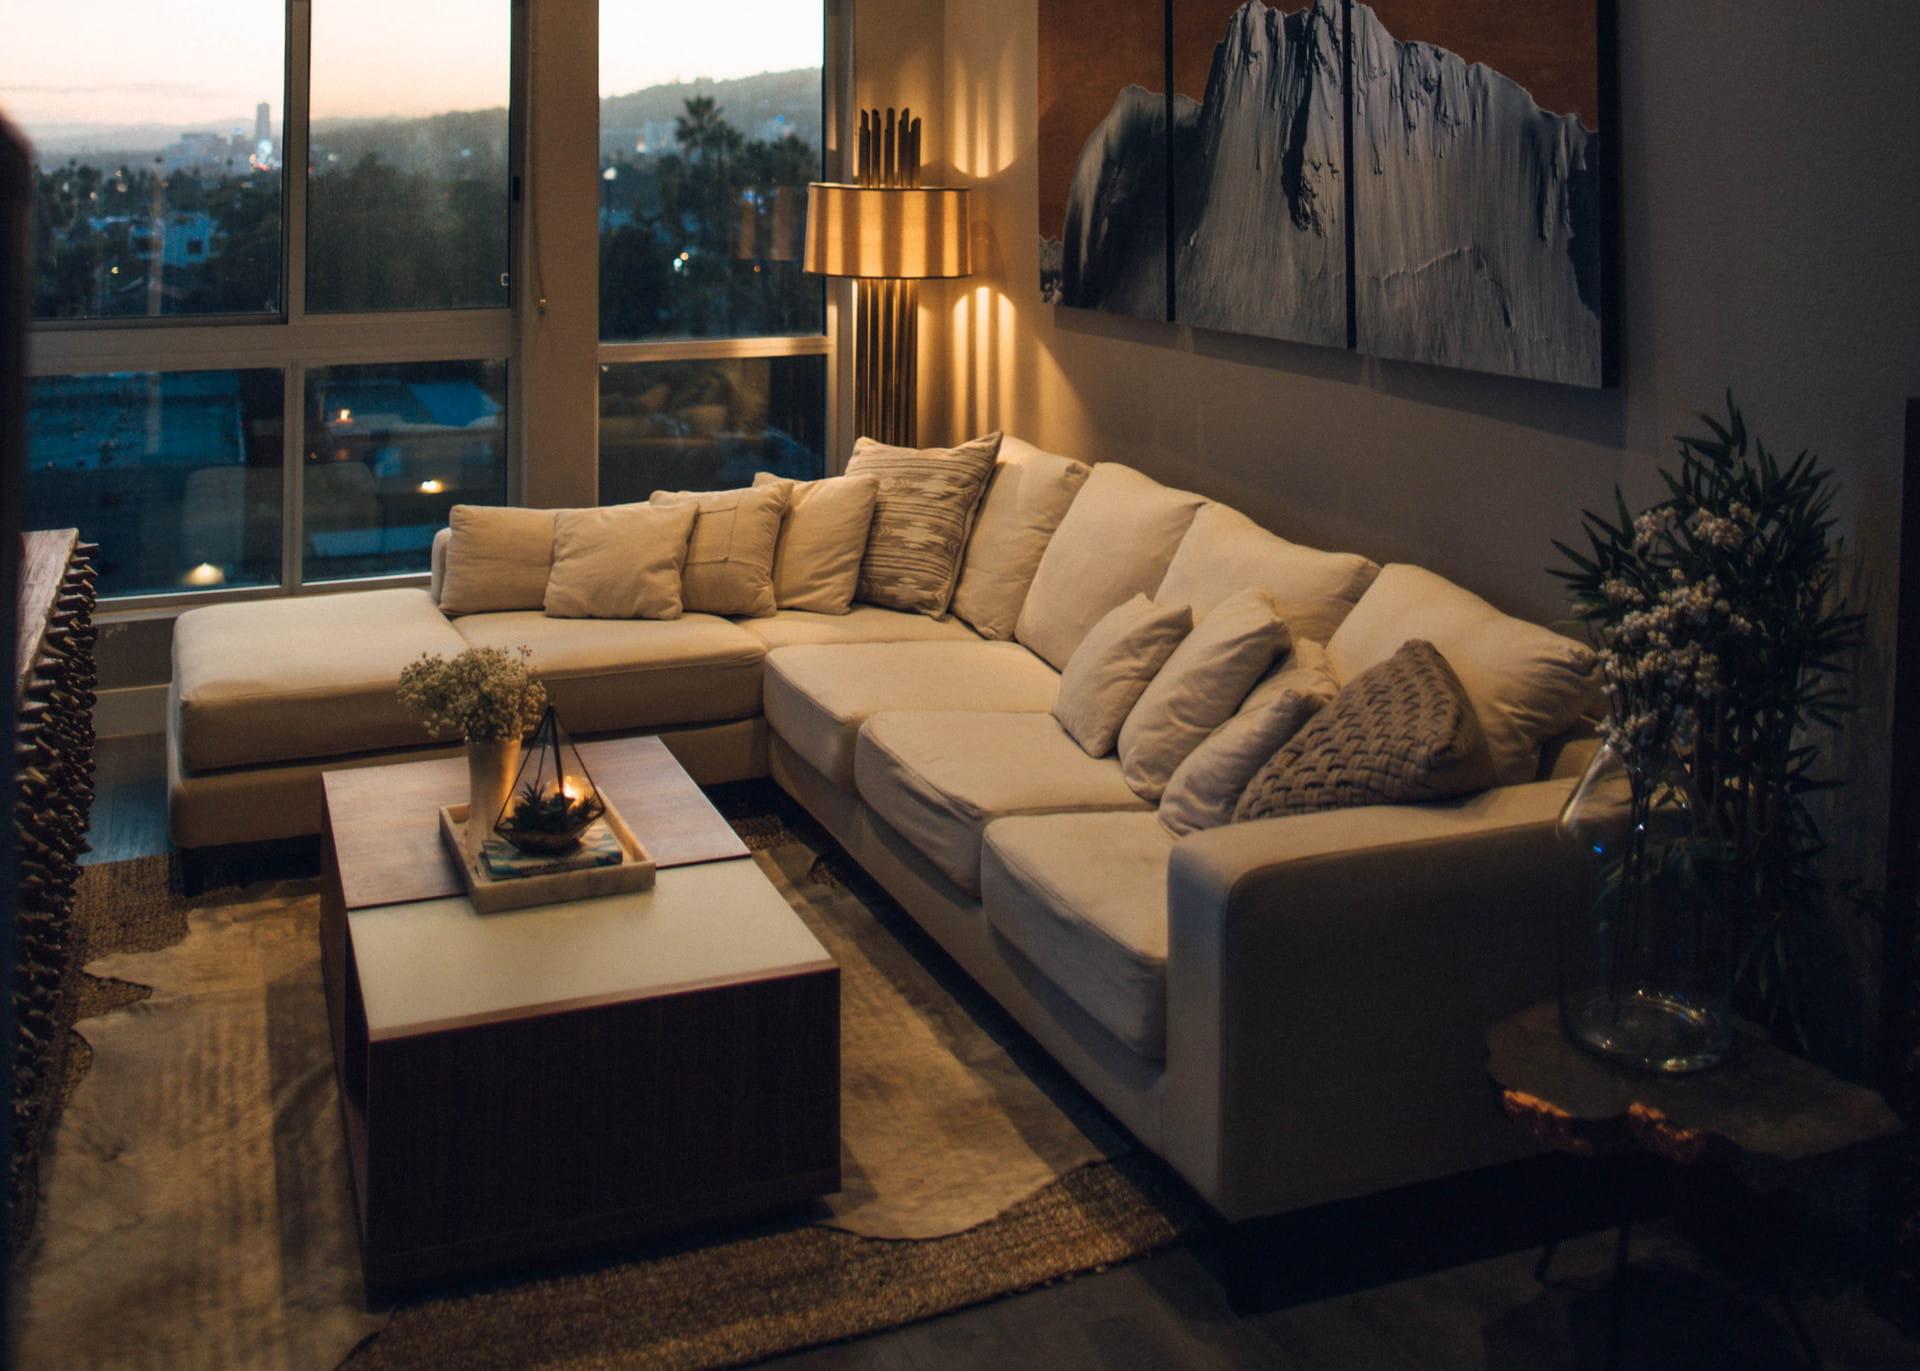 Gemütliches Wohnzimmer mit einem großes Ecksofa